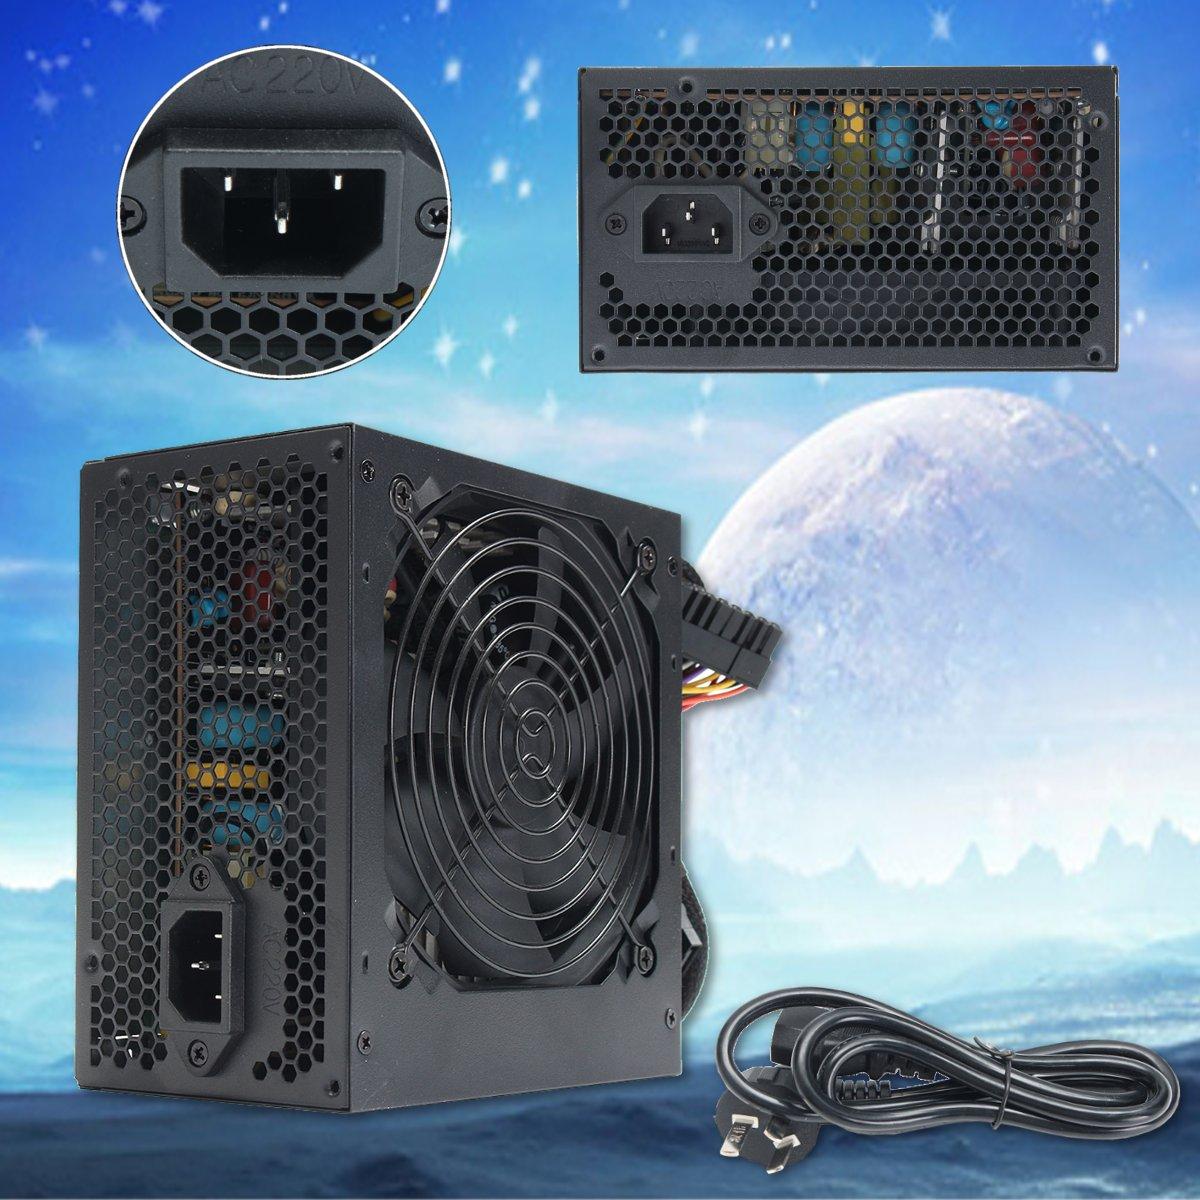 350W 650W الذروة-PSU ATX 12V الألعاب PC امدادات الطاقة 24Pin/موليكس/Sata 12 سنتيمتر مروحة الكمبيوتر امدادات الطاقة ل BTC